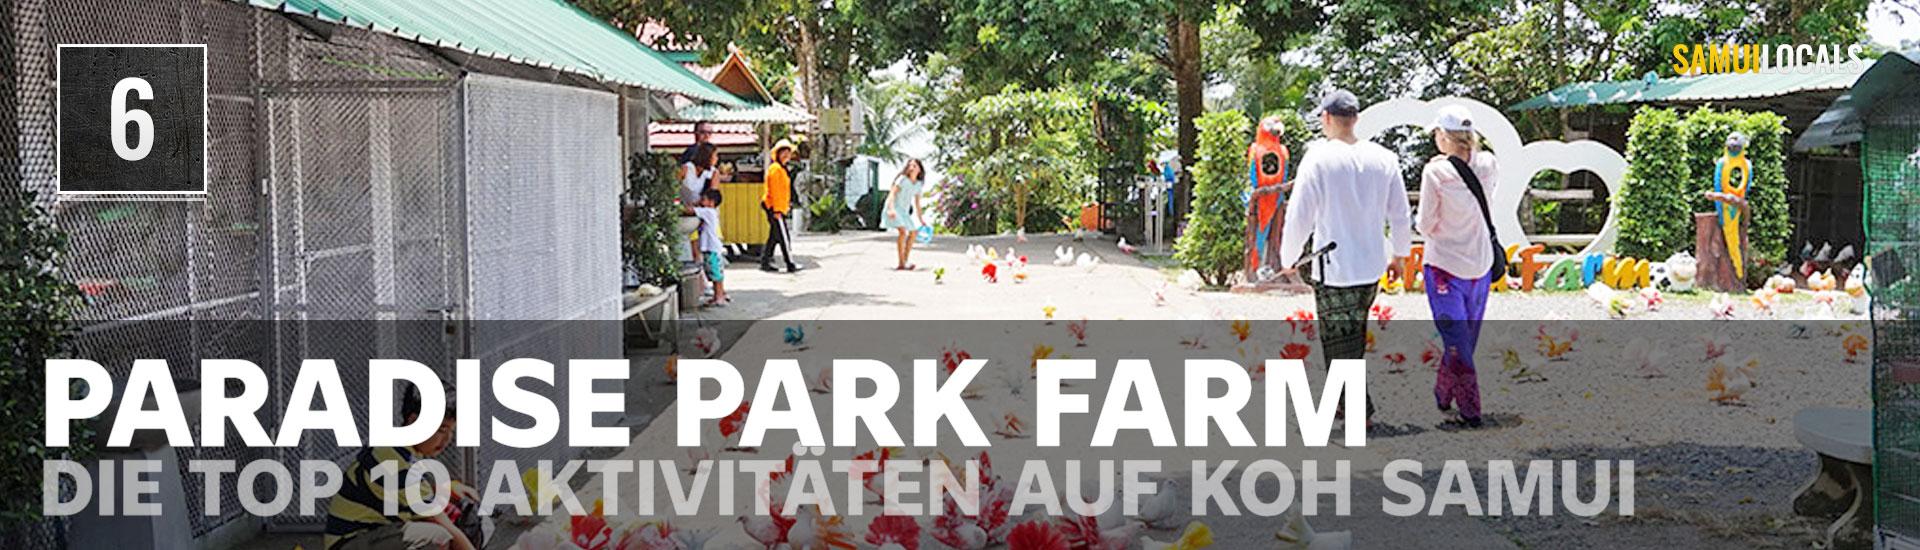 aktivitaeten_koh_samui_paradise_park_farm